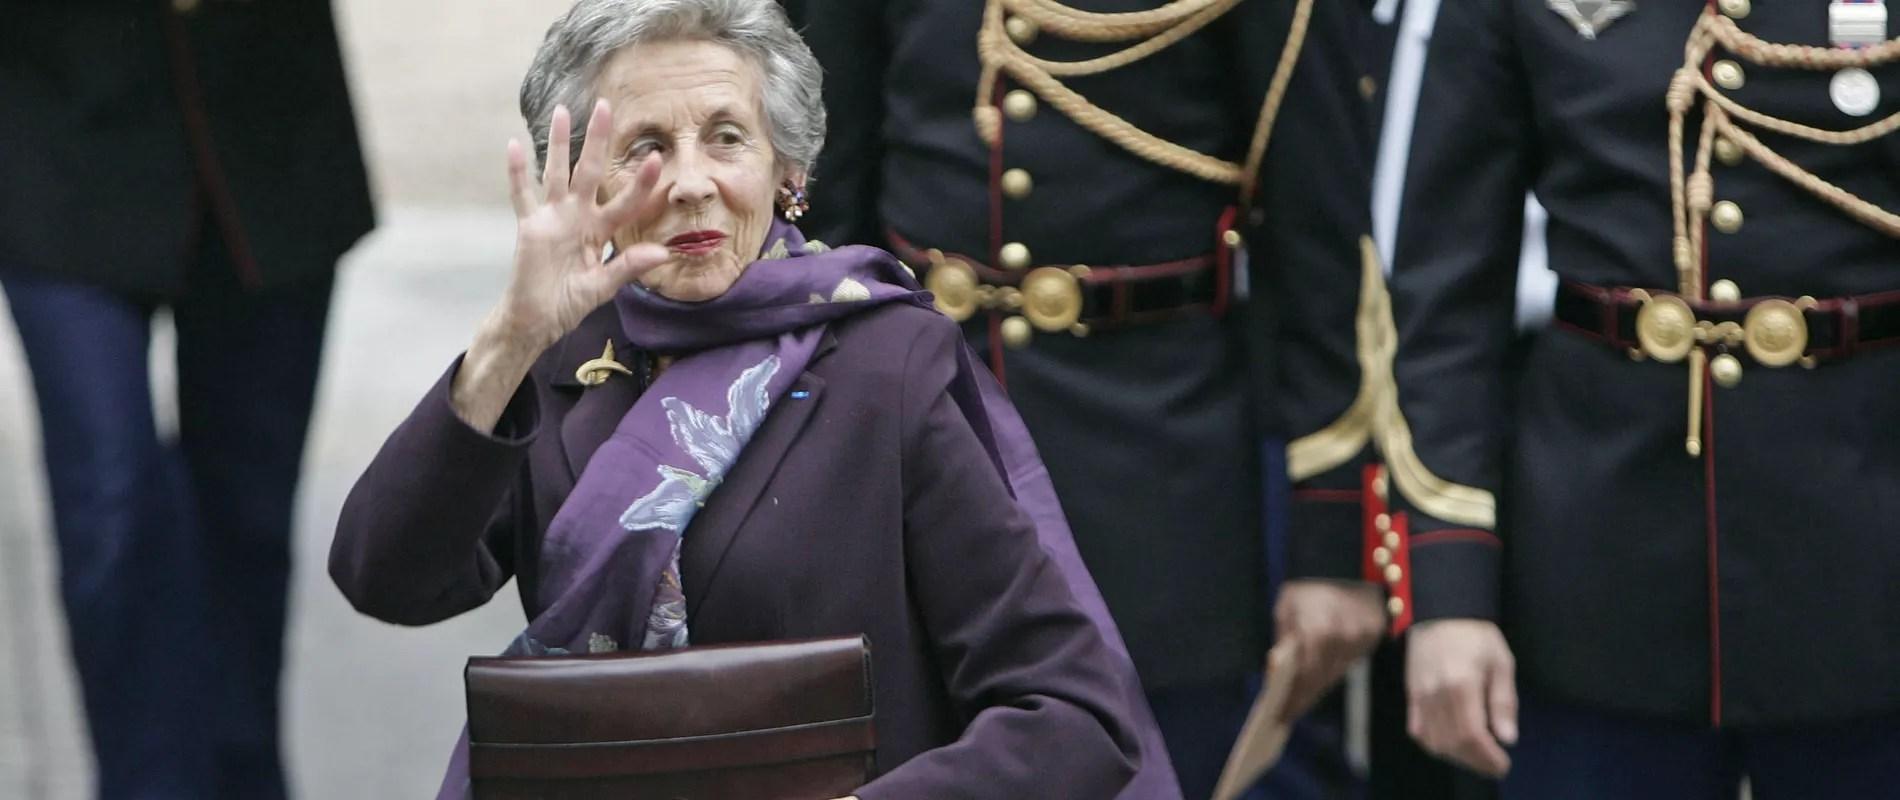 Andrée Mallah, la mère de Nicolas Sarkozy